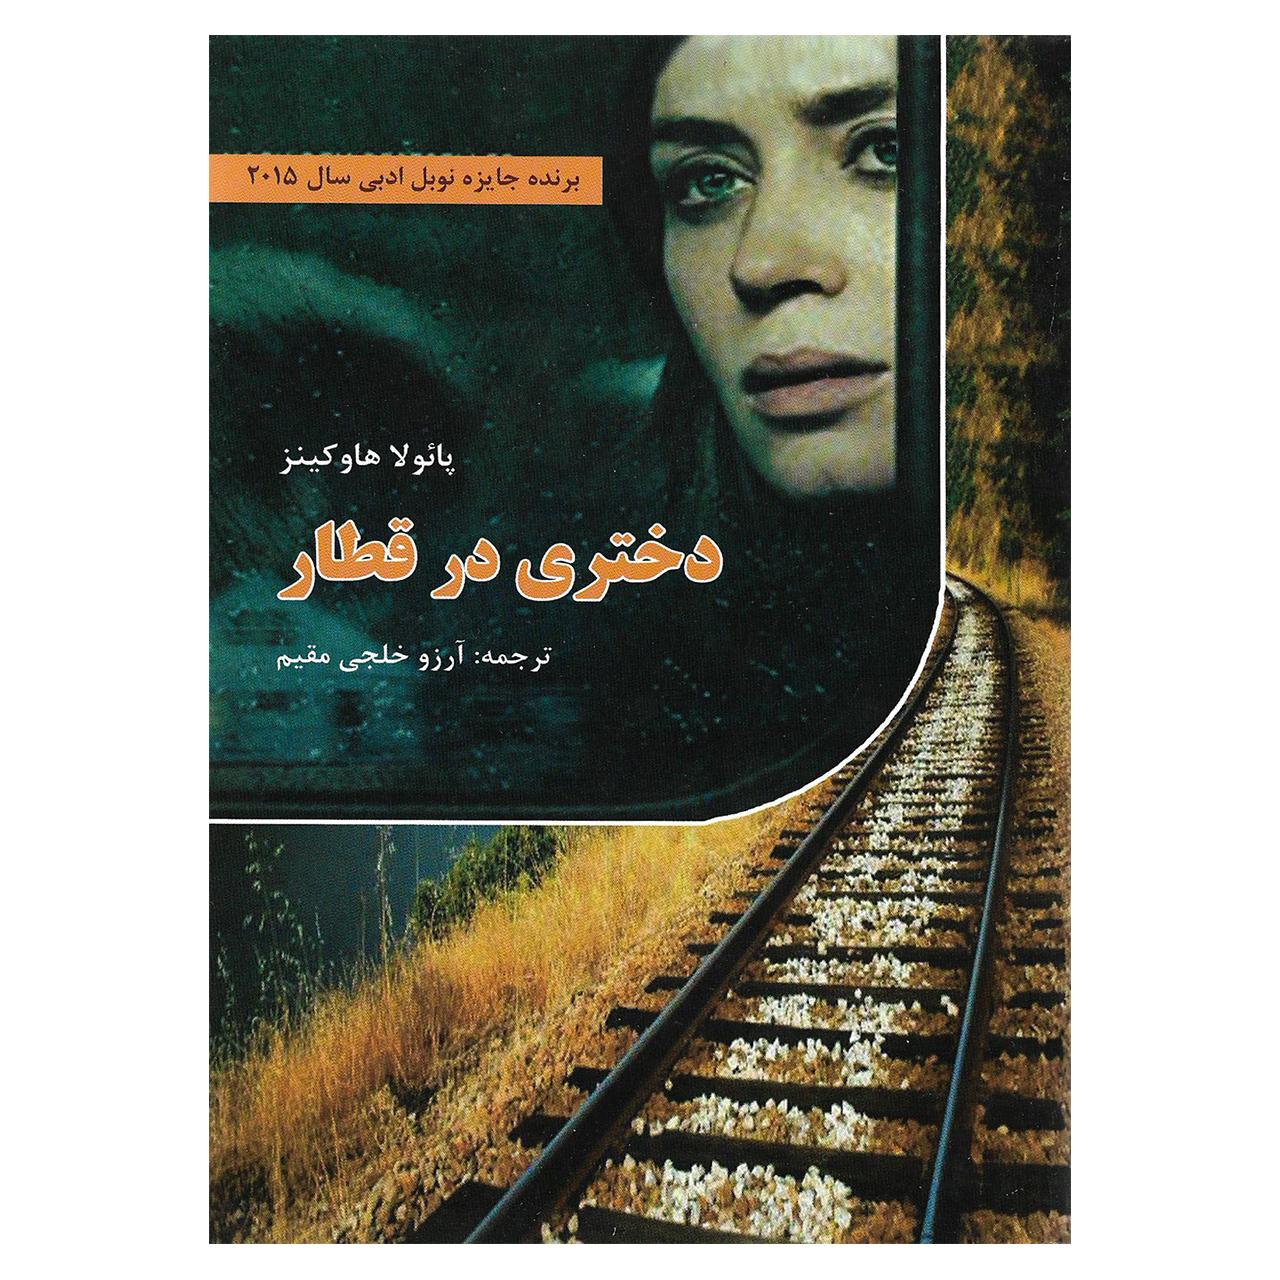 خرید                      کتاب دختری در قطار اثر پائولا هاوکینز نشر سپهر ادب